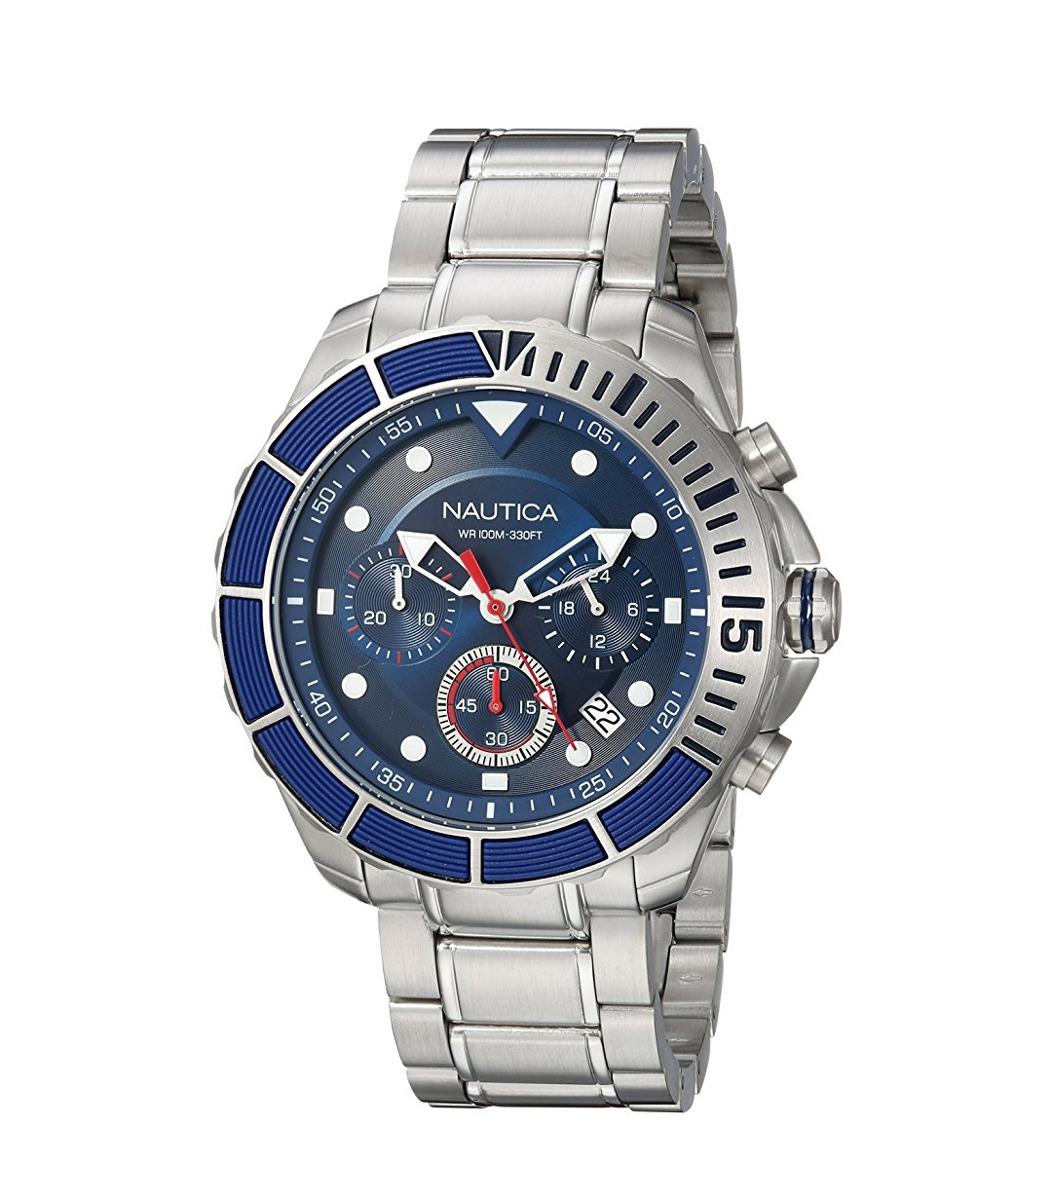 7d4303004f9f reloj nautica color azul para hombre nuevo original importad. Cargando zoom.